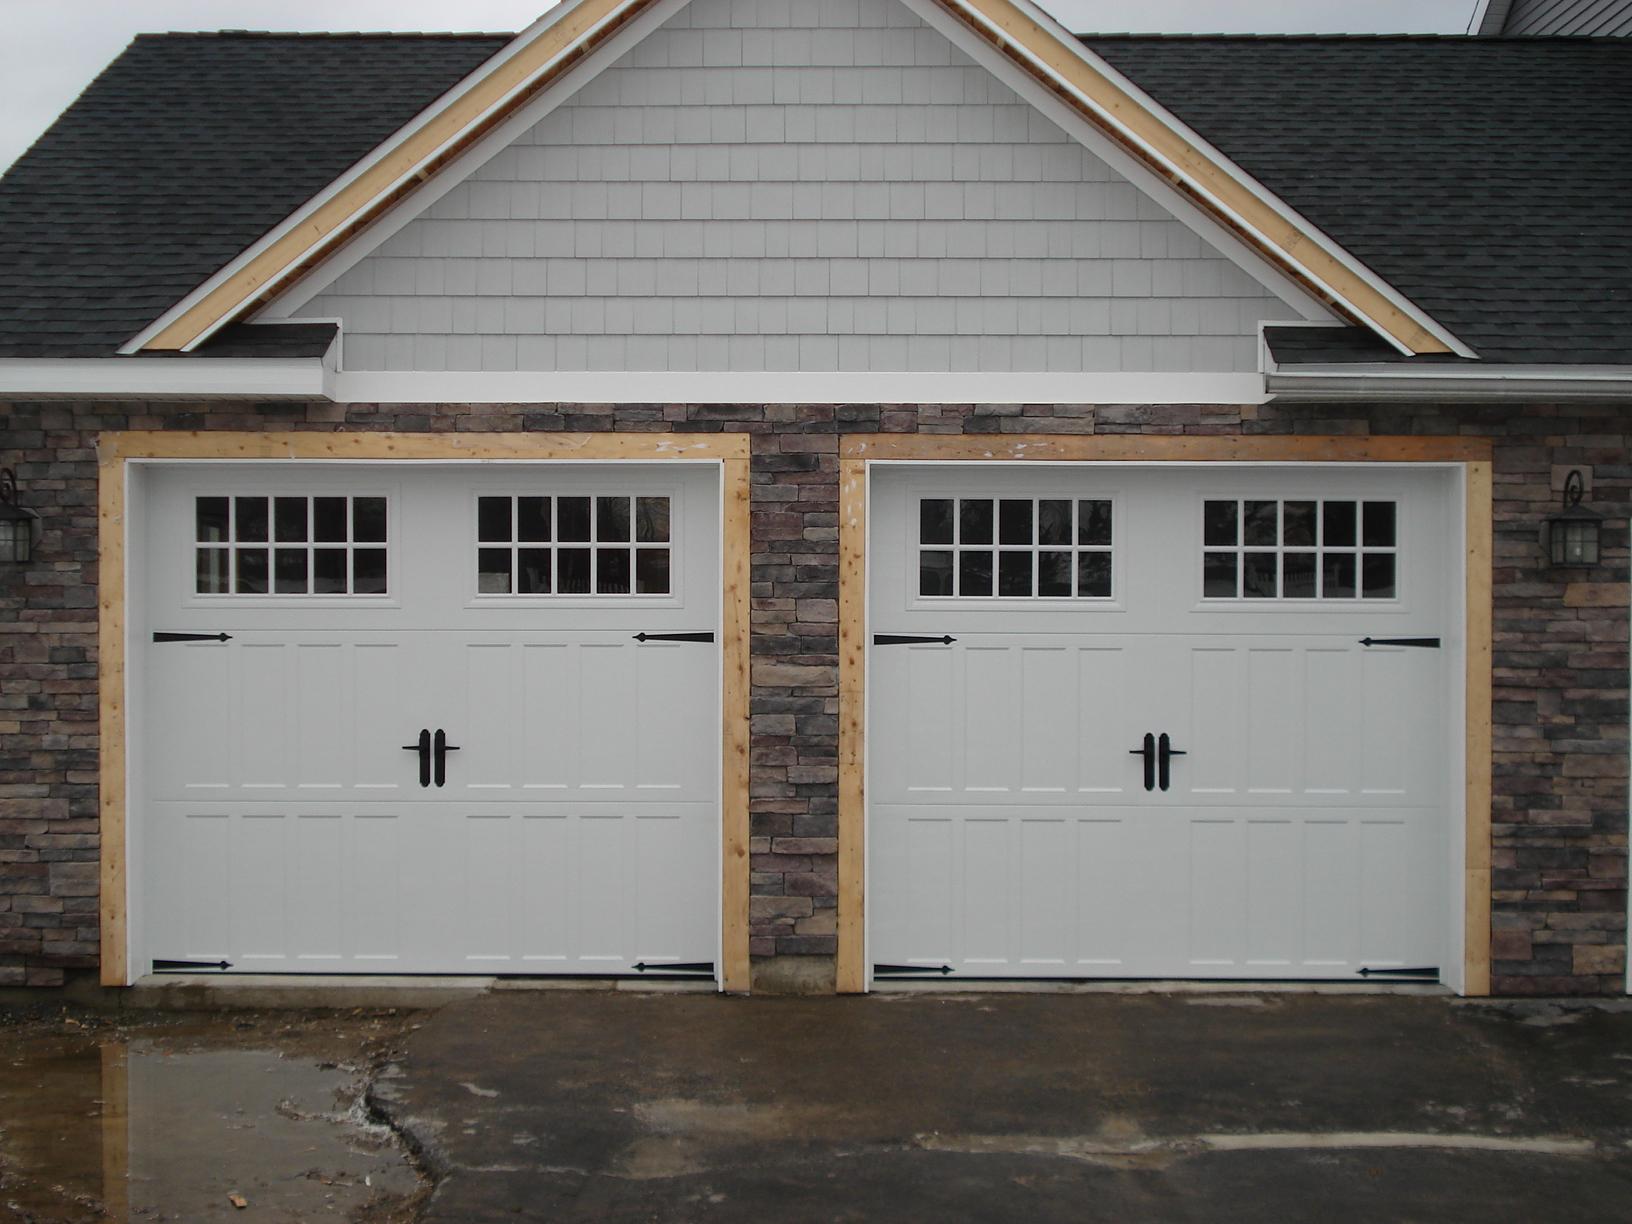 1224 #81684A Garage Door Tune Up And Inspection Koops Overhead Doors $ 59 Garage  image Garage Doors Delaware 37431632